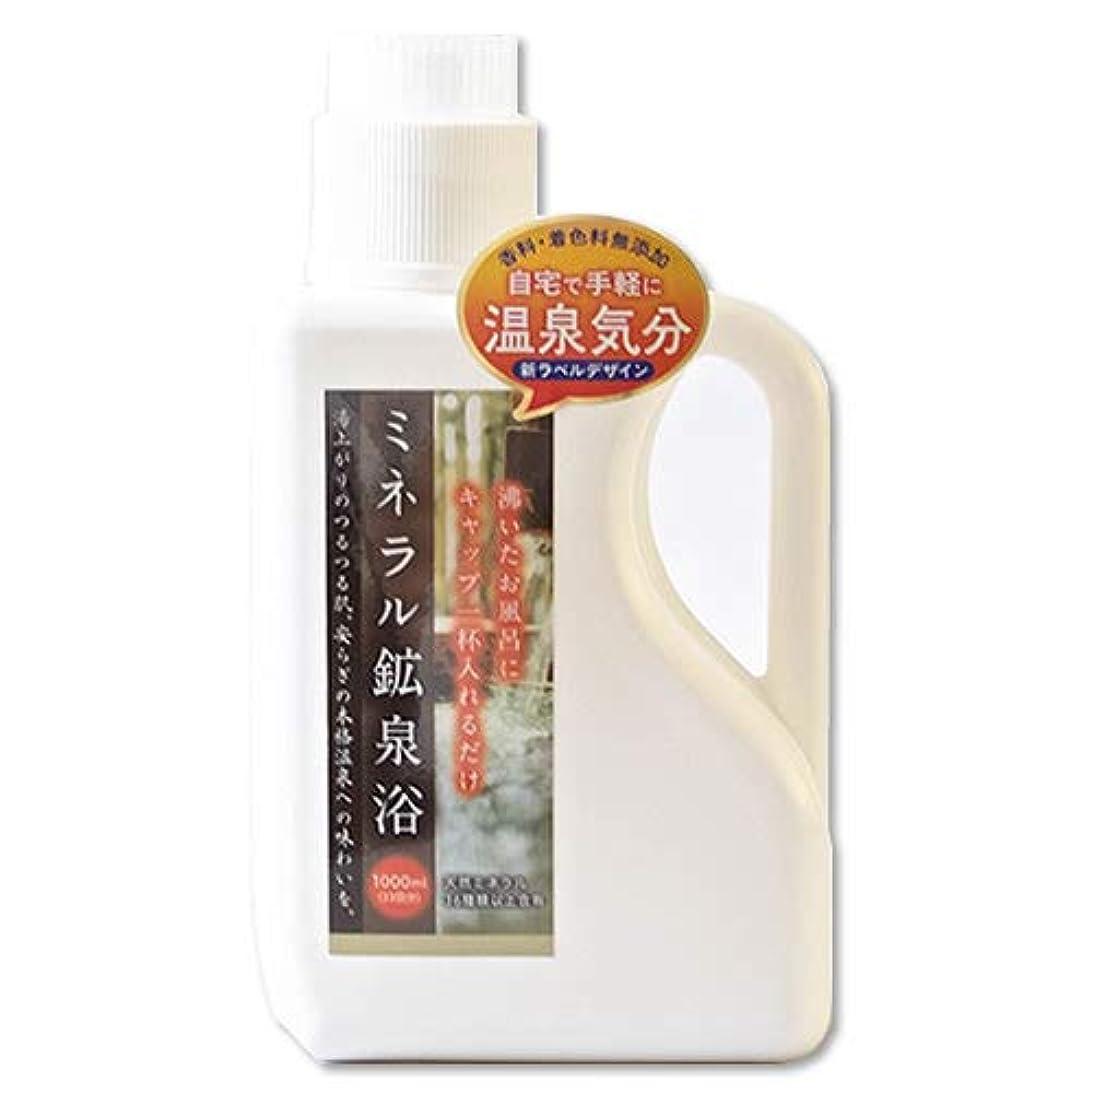 定期的に液体エゴマニアミネラル鉱泉浴50(1L) ?約1か月分? 汗が出やすくミネラル効果にビックリ! 身体を芯から温める ミネラル風呂